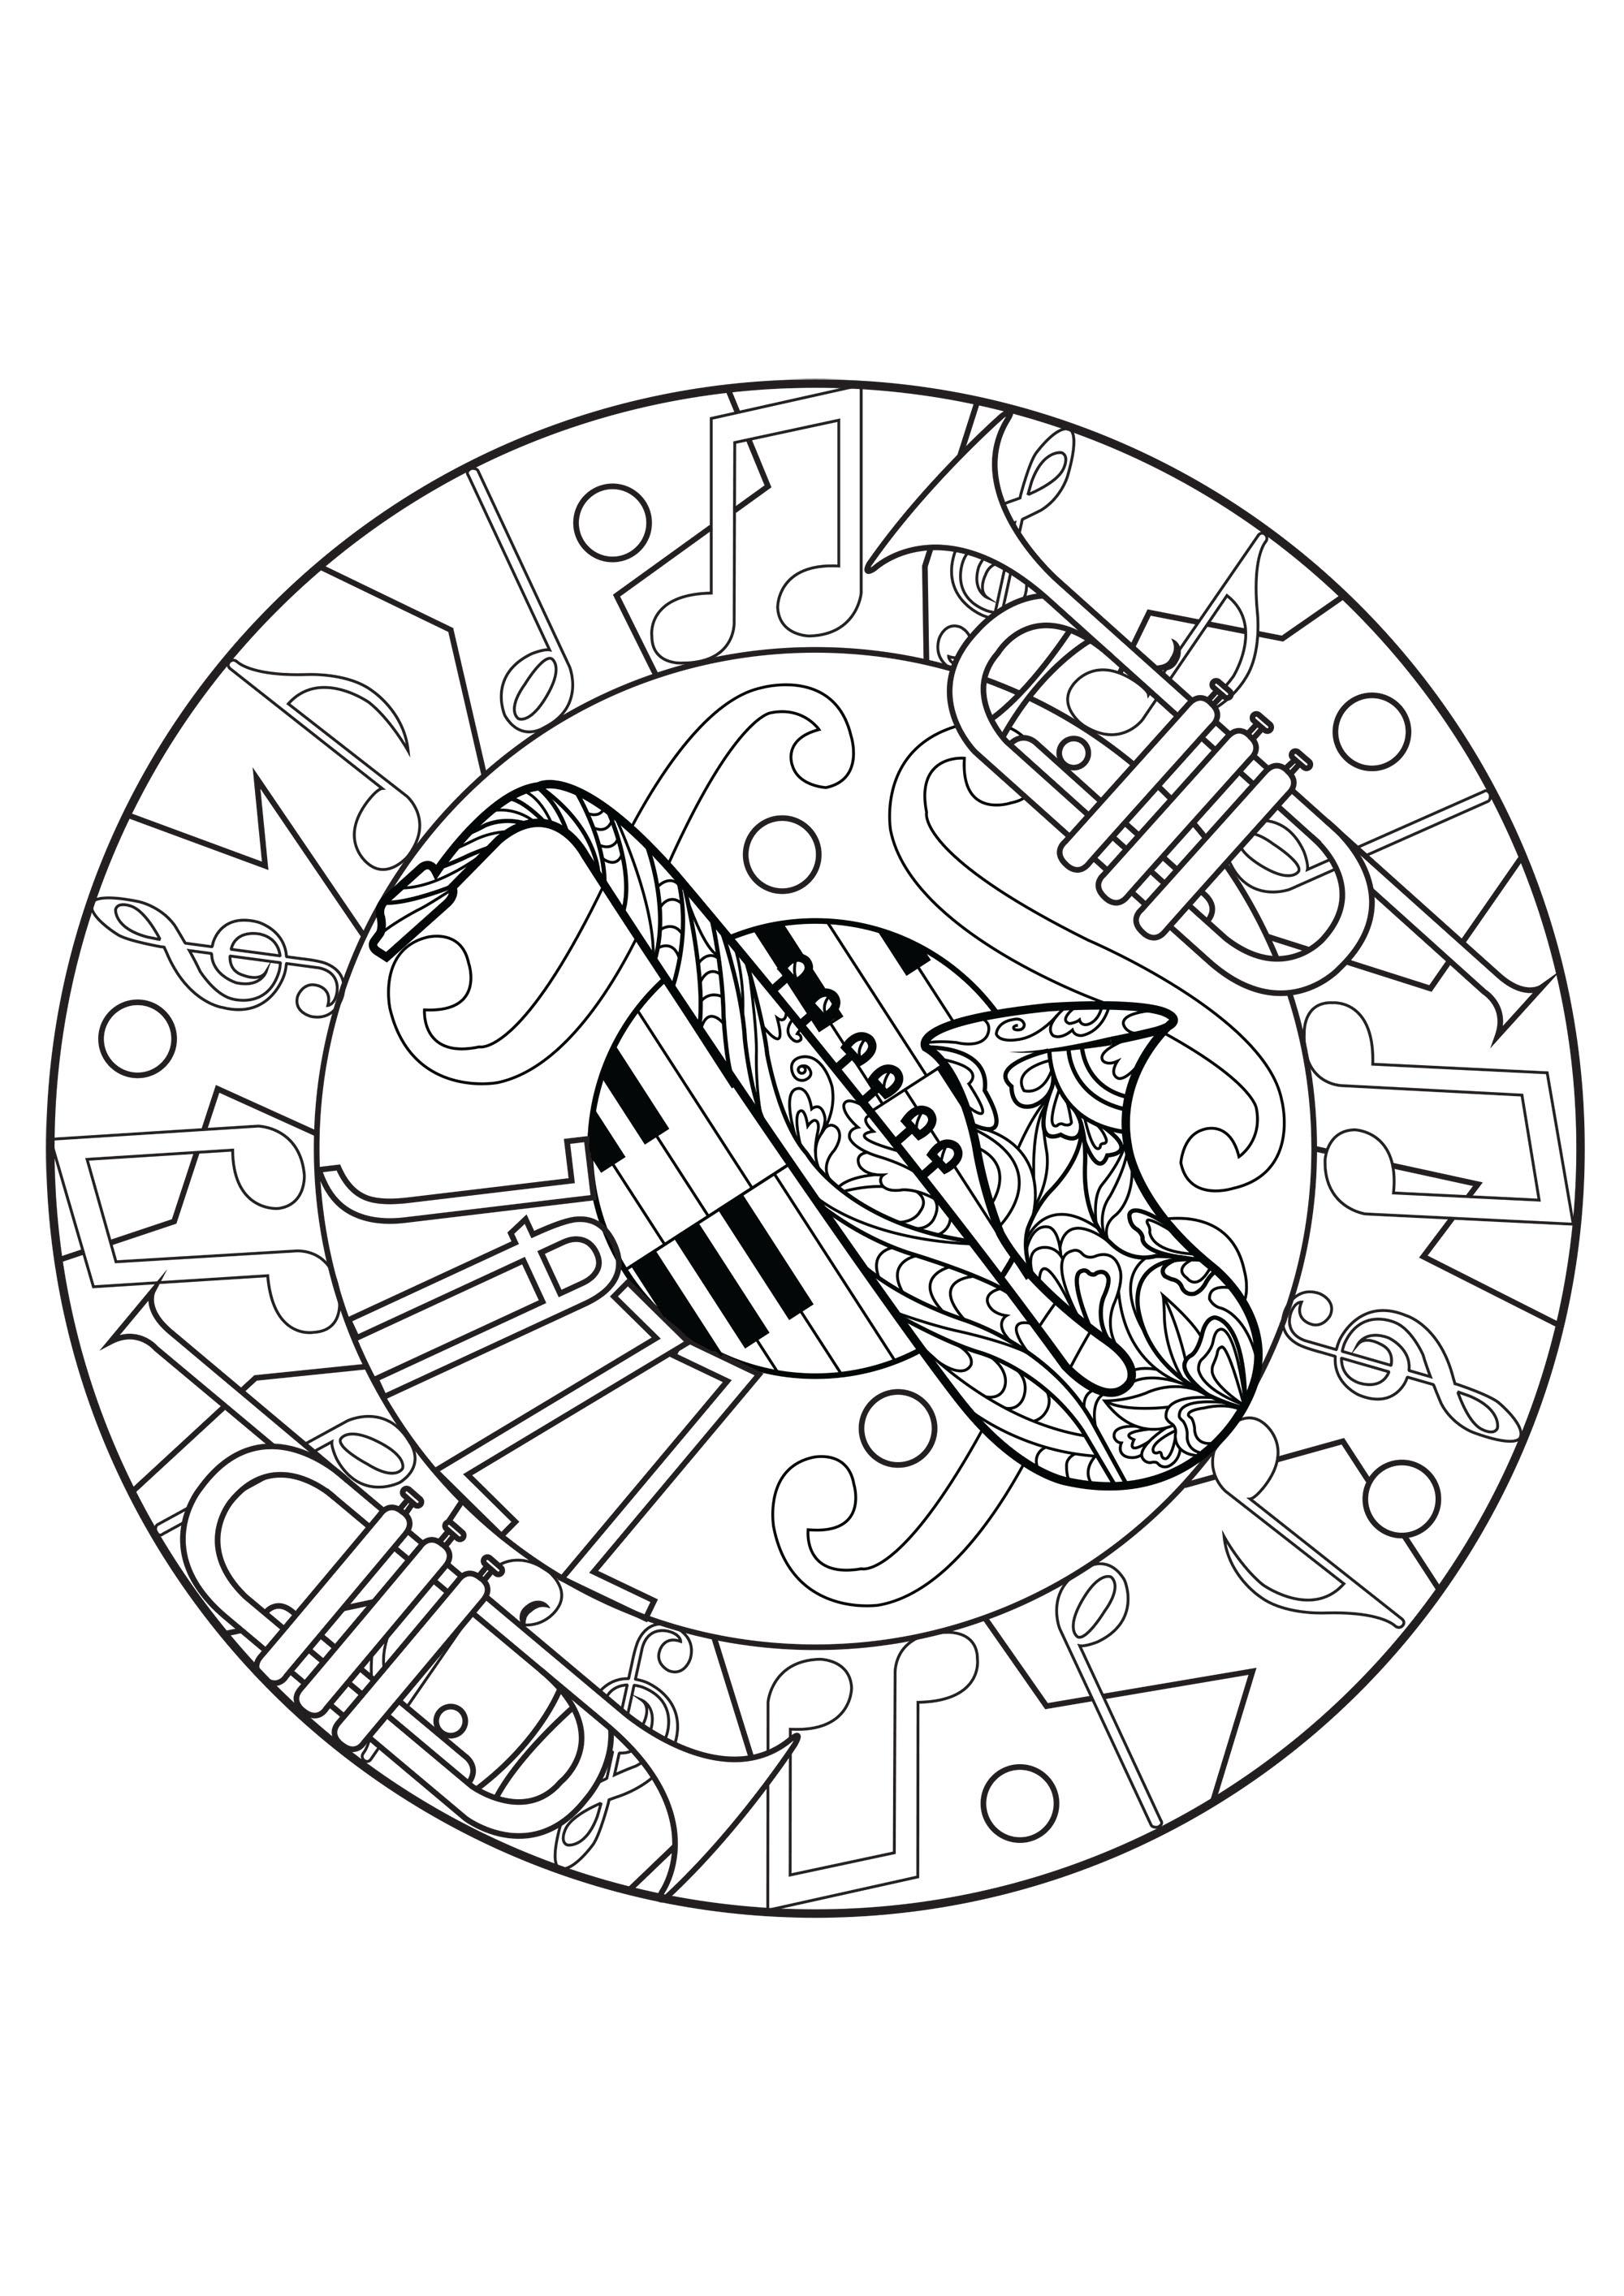 Mandala mélodieux composé de saxophone, trompettes et piano